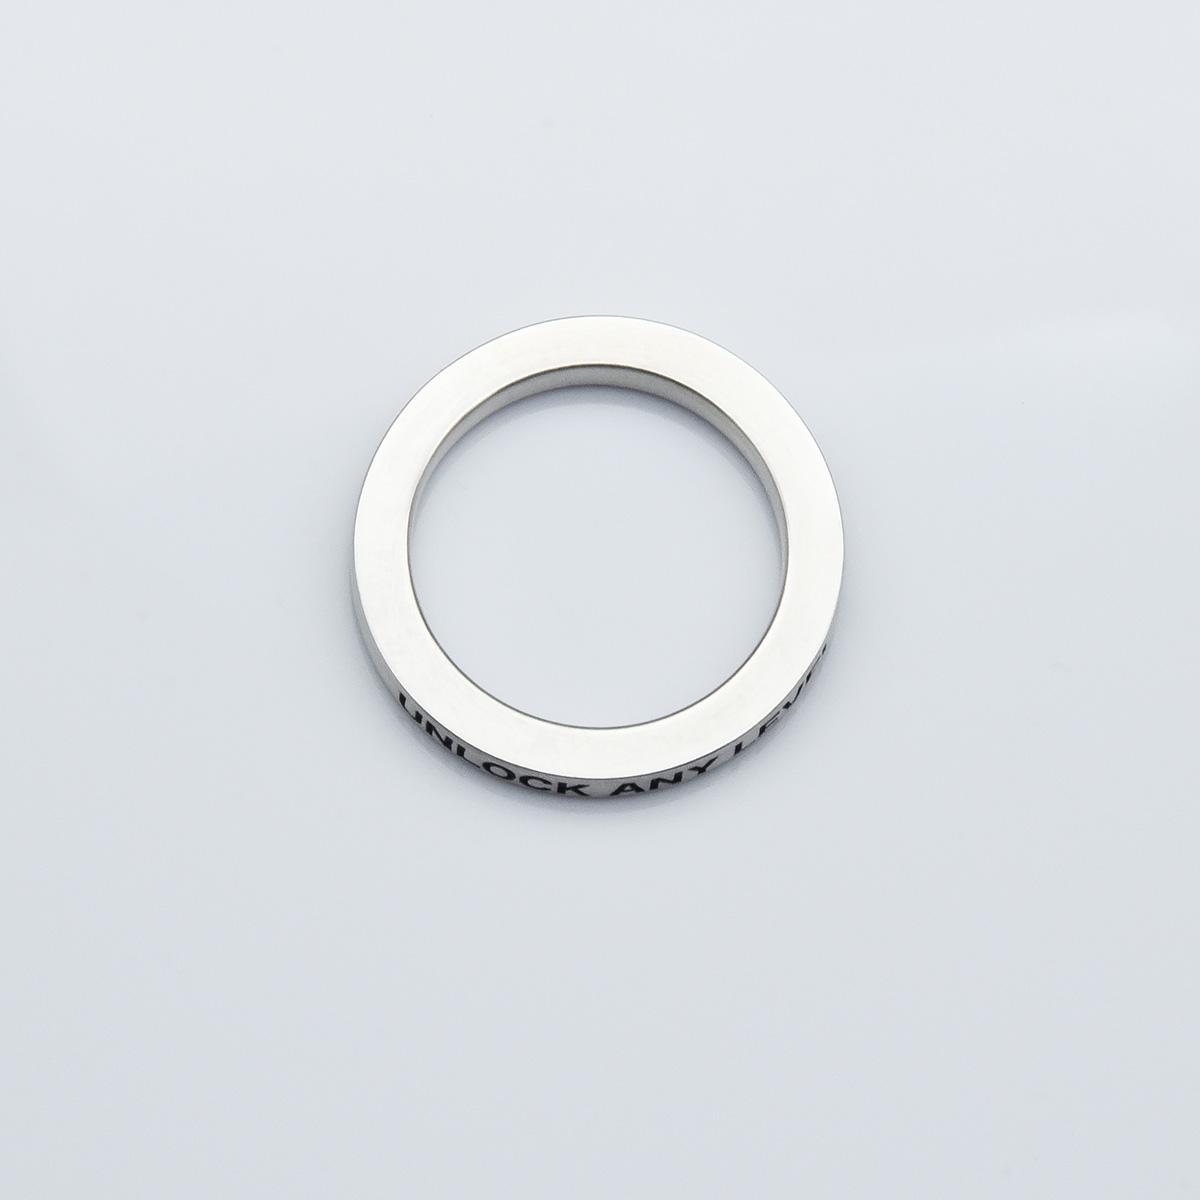 UNLOCK リング 3mm(マット仕上げ)